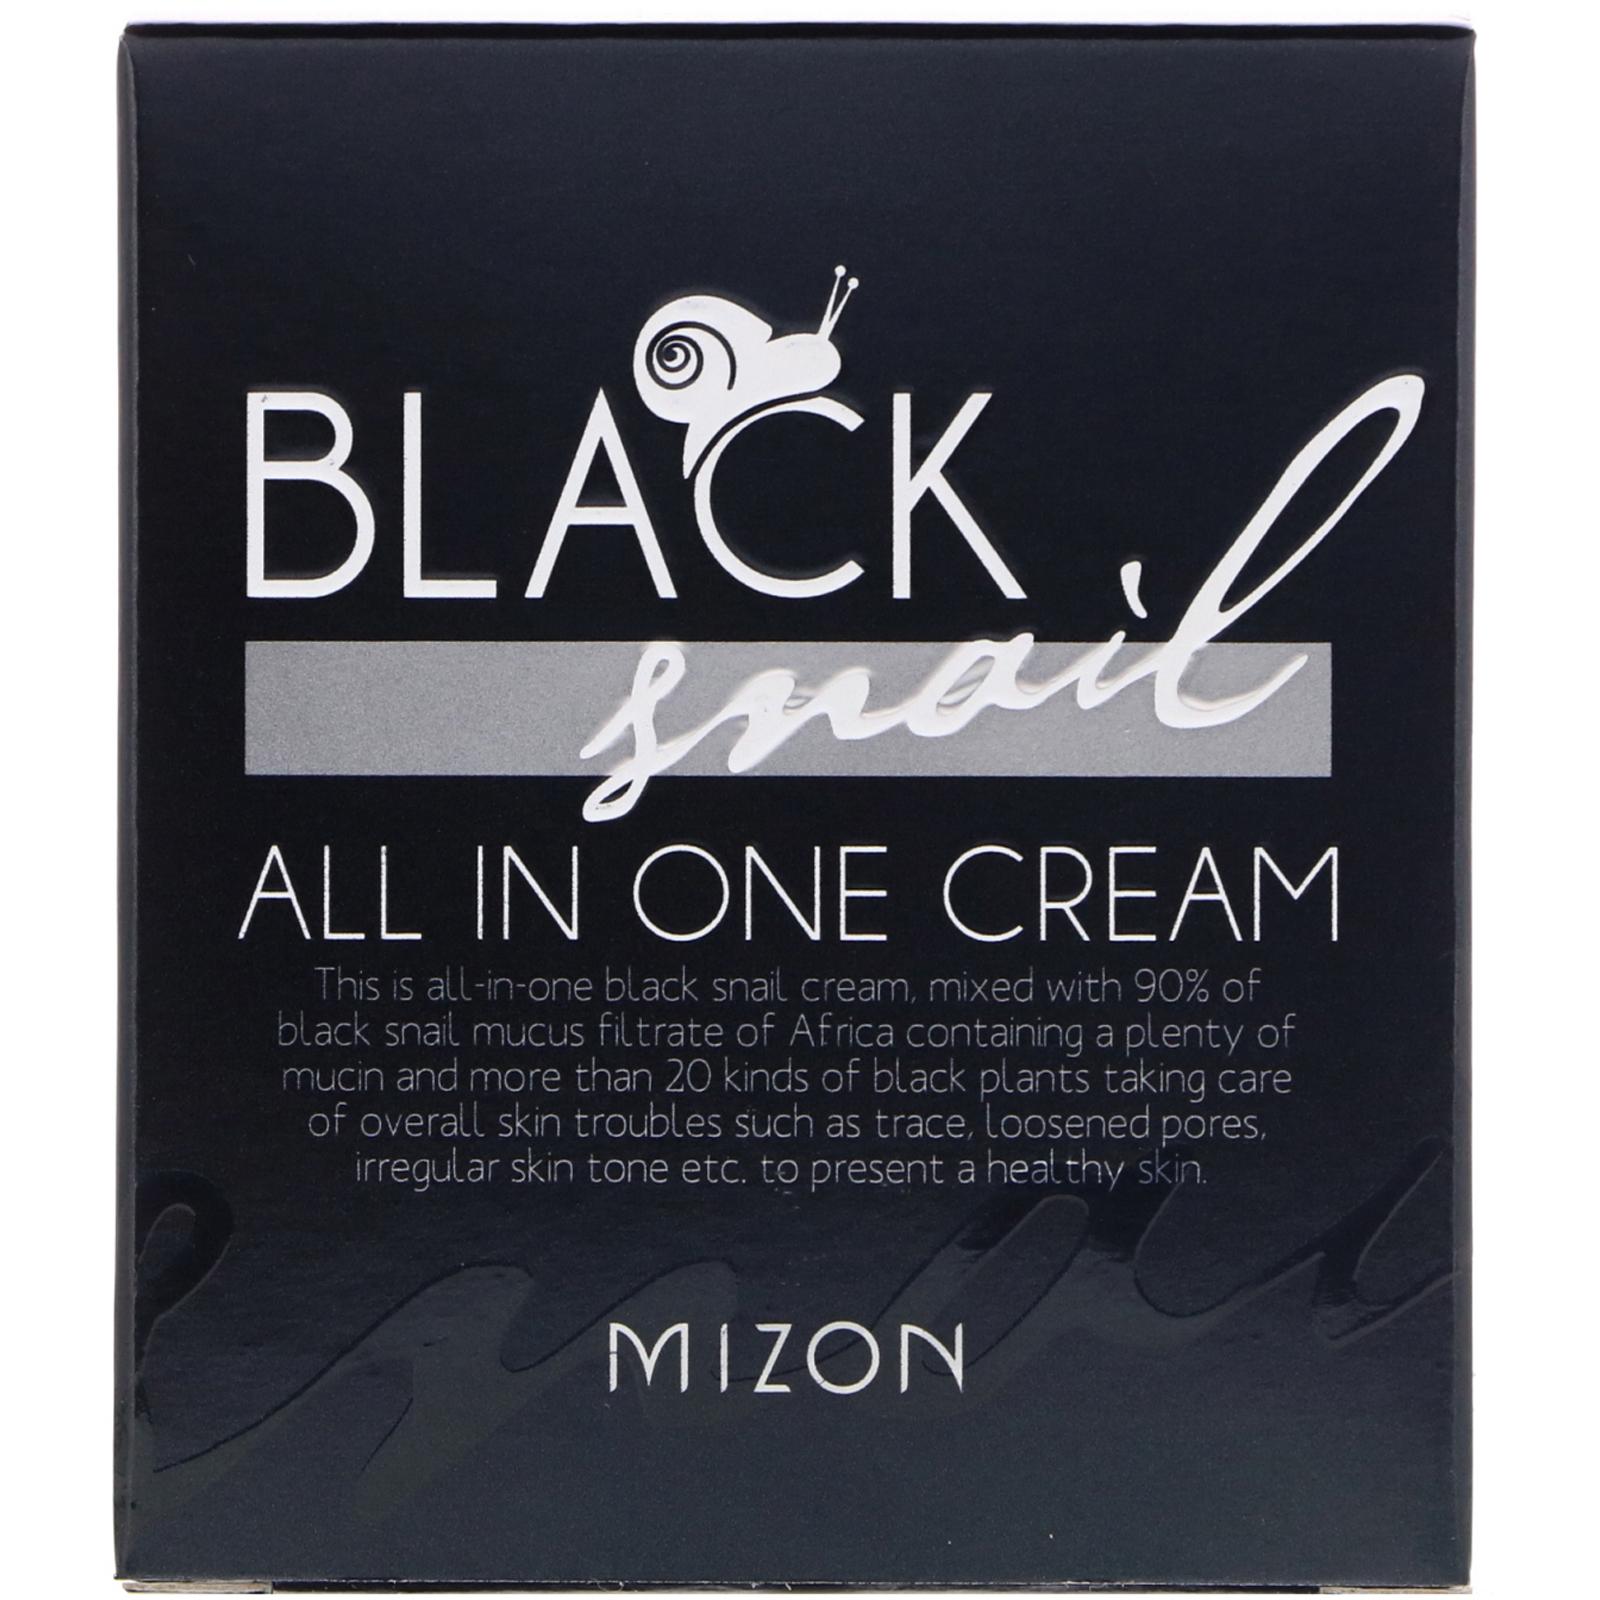 Mizon, ブラックカタツムリ、オールインワンクリーム、2.53 fl oz (75 ml)